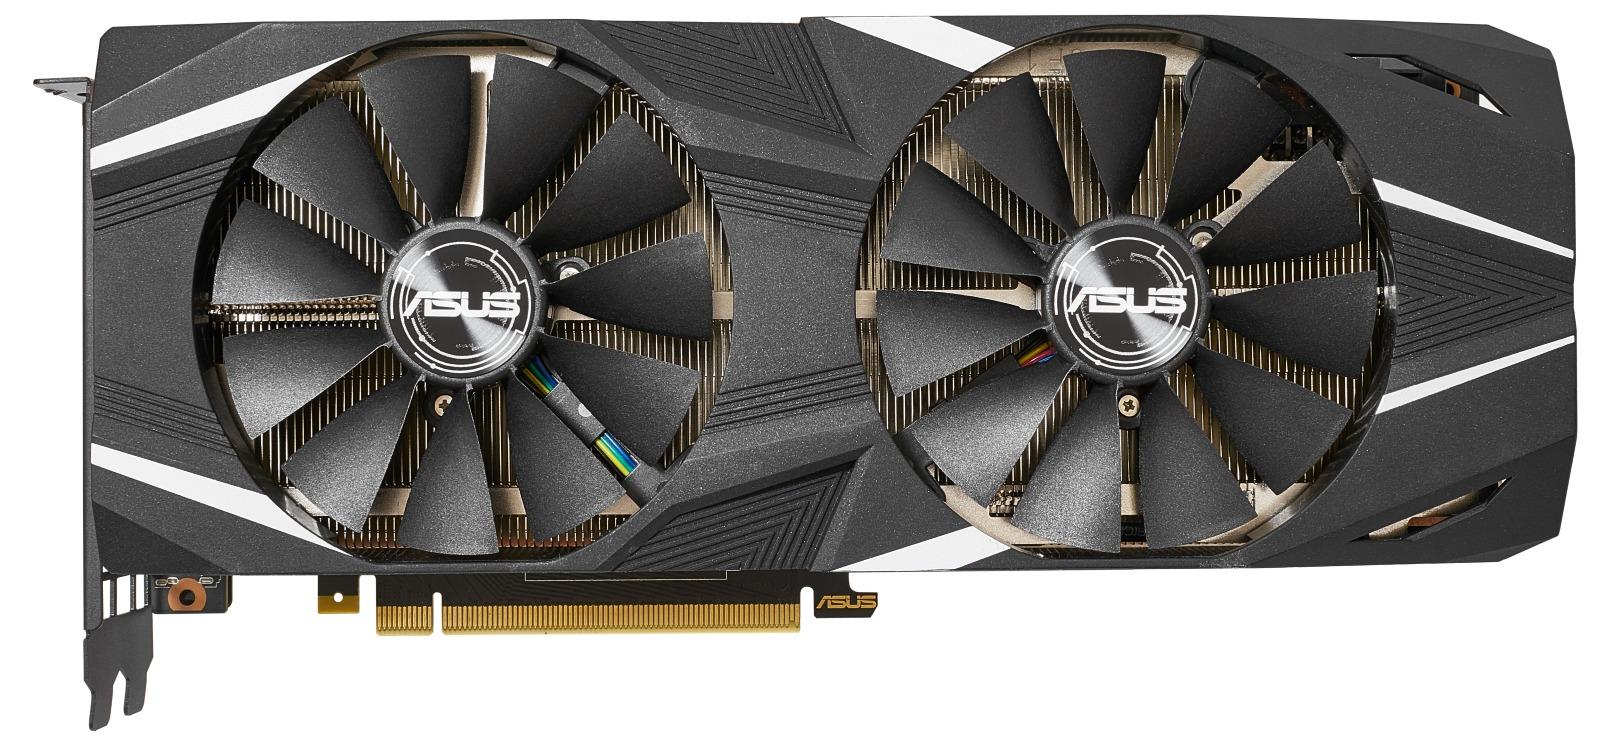 ASUS GeForce RTX 2080 Ti Dual 11GB GPU image